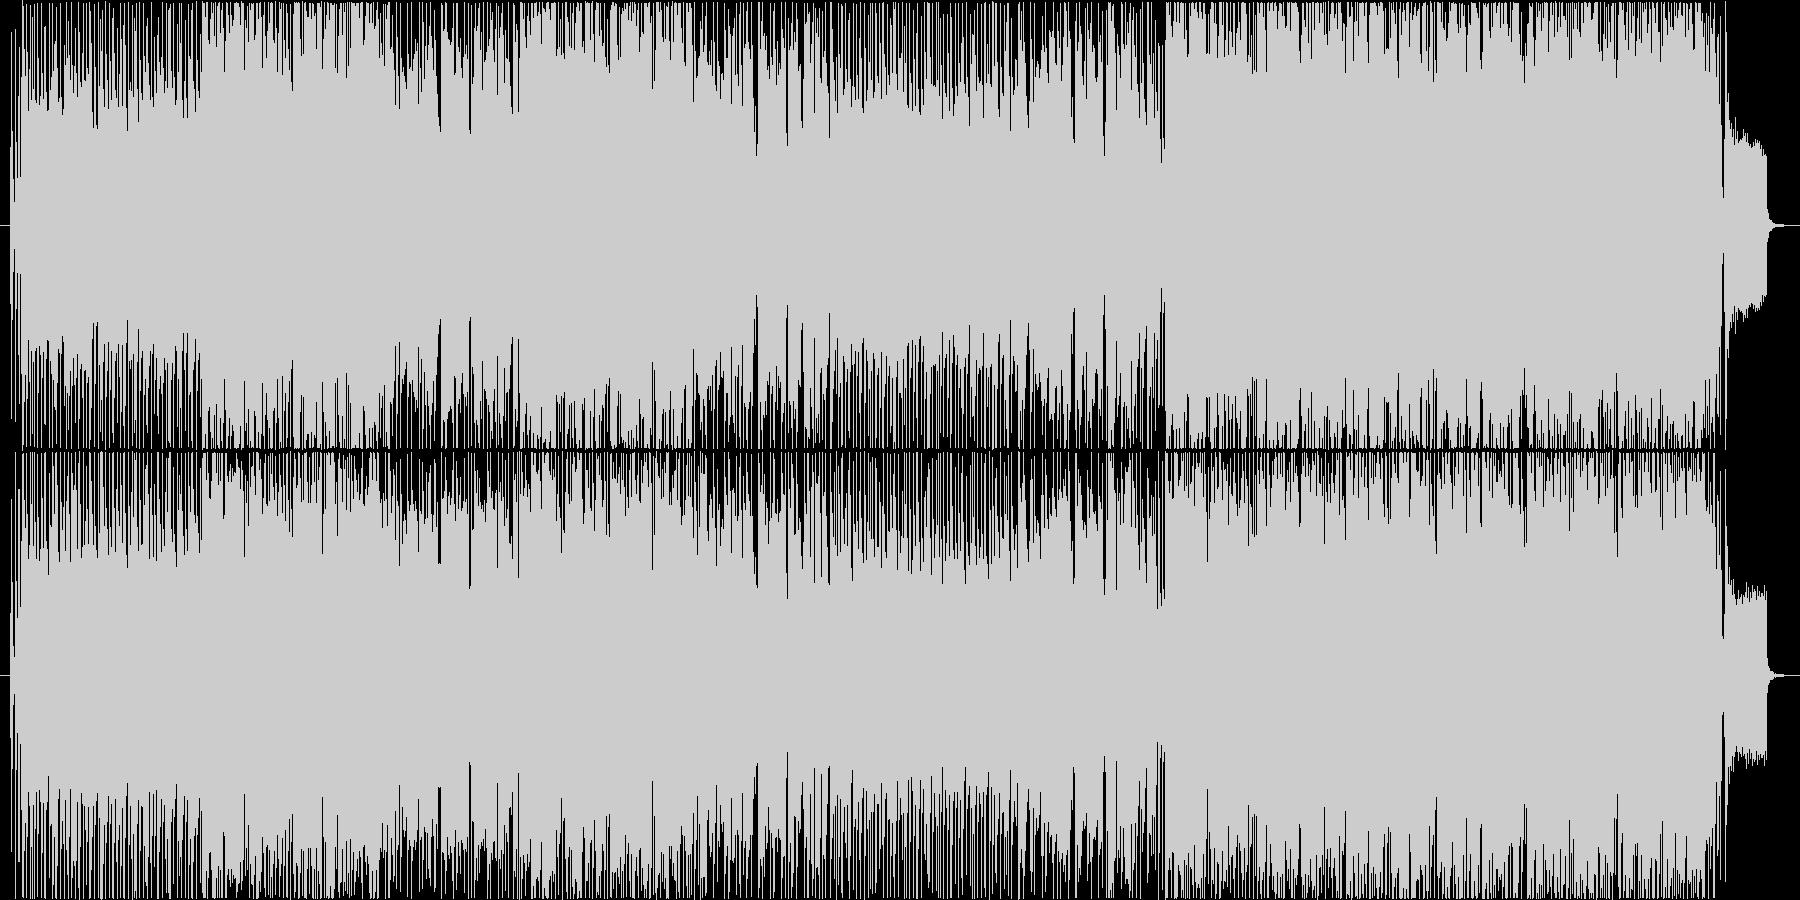 和風でアコーディオンが印象的なPopsの未再生の波形